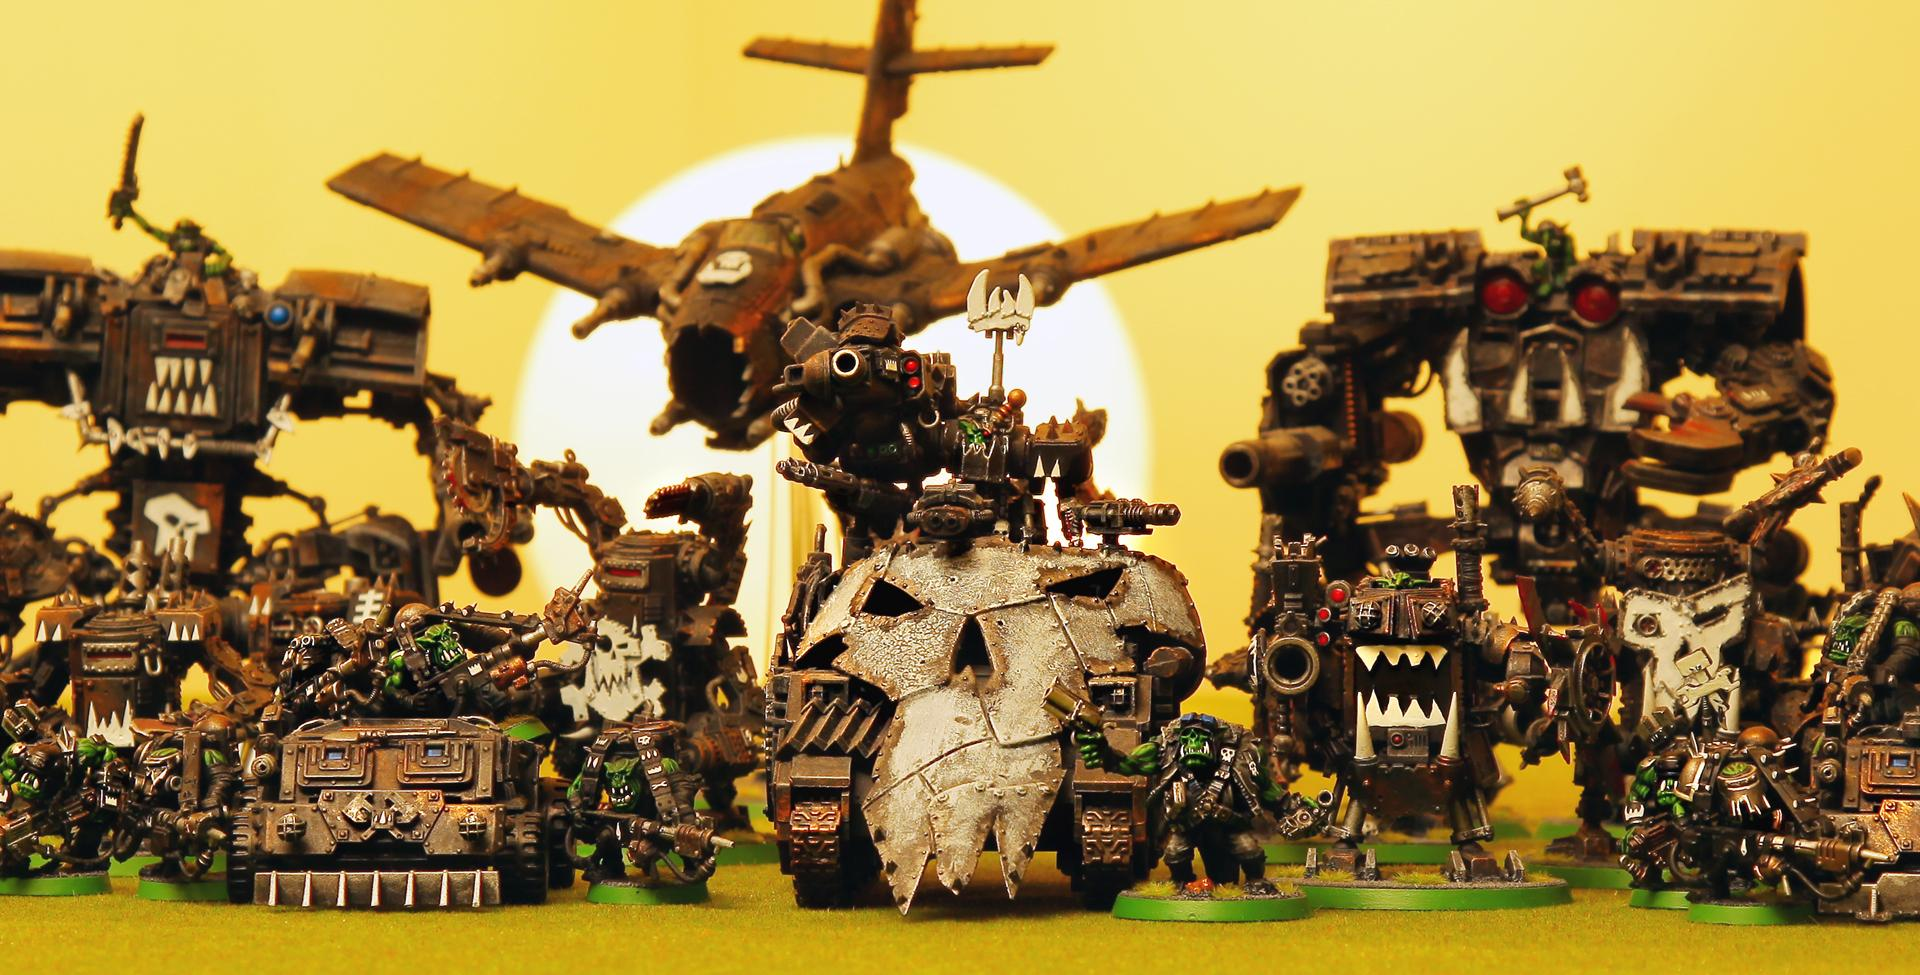 Deff Dread, Dread Mob, Killa Kan, Killa Kans, Mega Dread, Meka Dread, Mekboy, Ork Dread, Ork Dread Mob, Ork Dreadnought, Ork Goffs, Orks